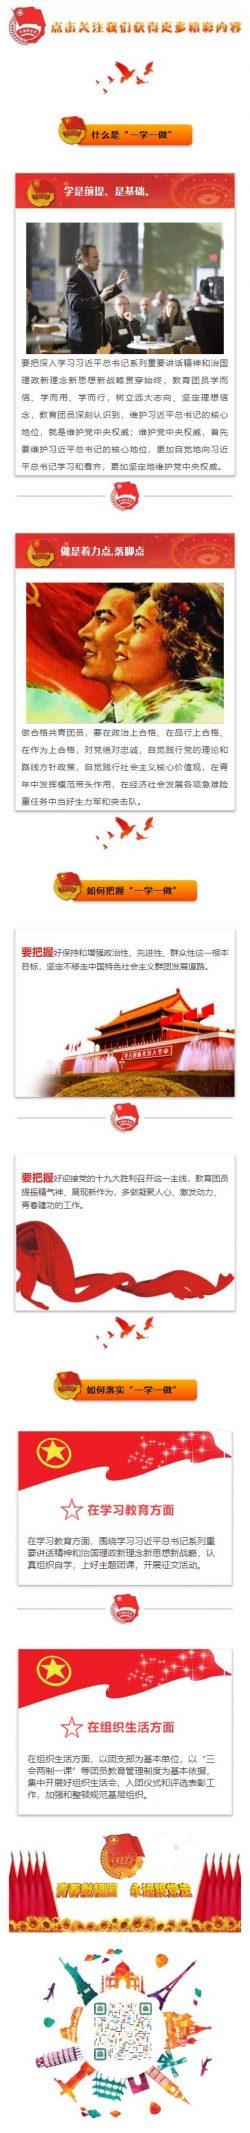 讲话精神和治国理政共青团员党政红色风格文章模板国庆建党节